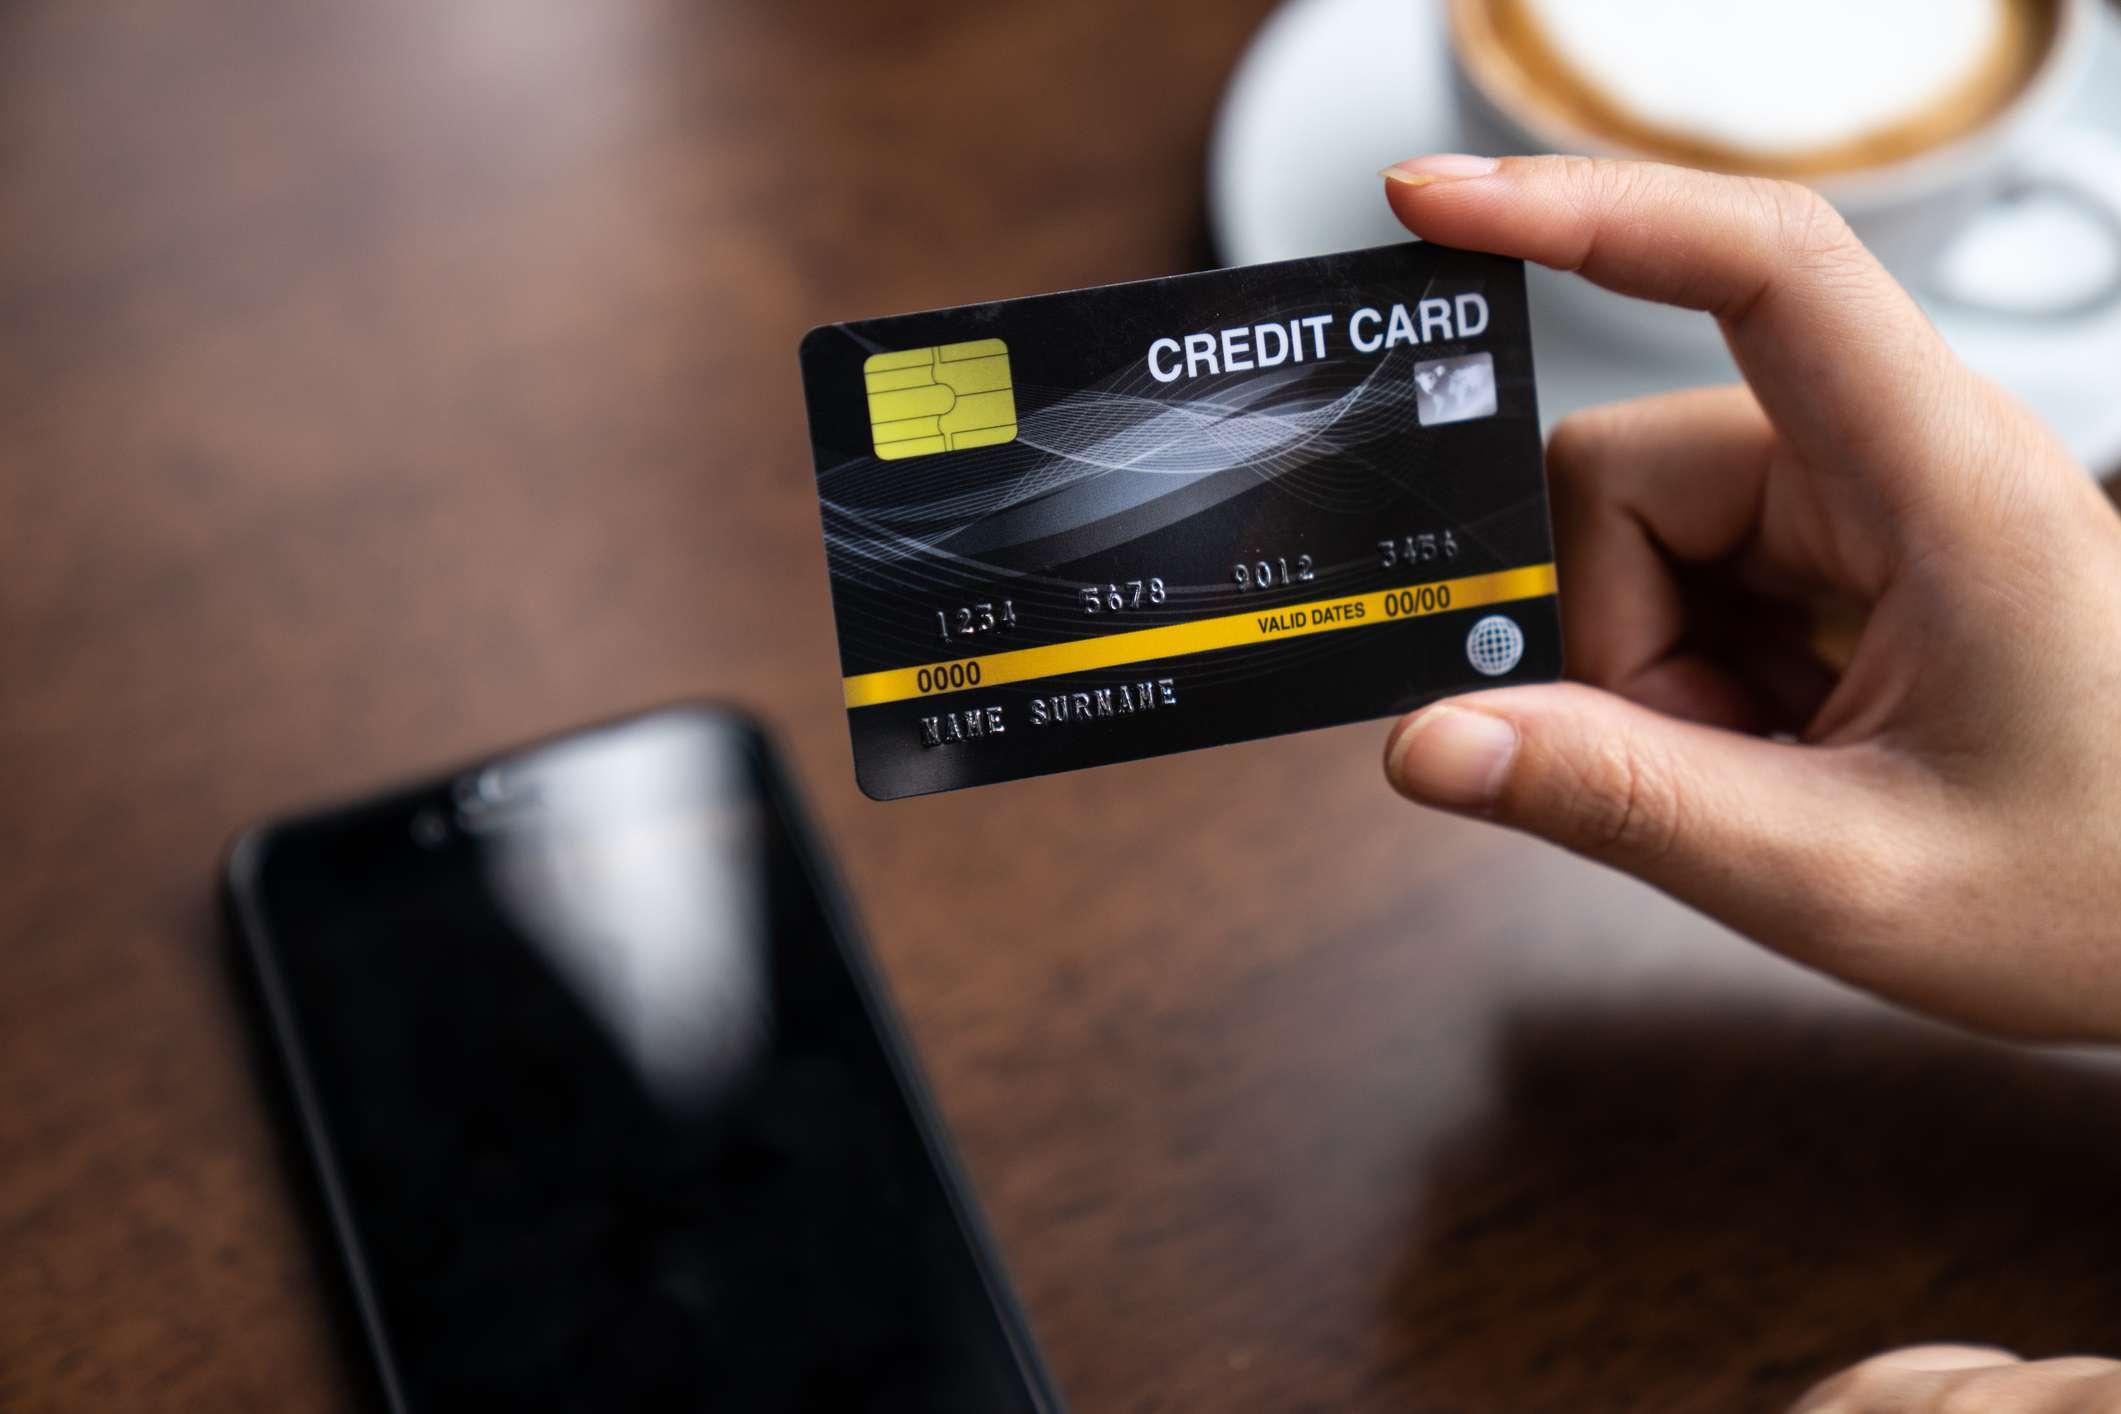 ما هي طرق معرفة رقم بطاقة الصراف الراجحي تجارتنا